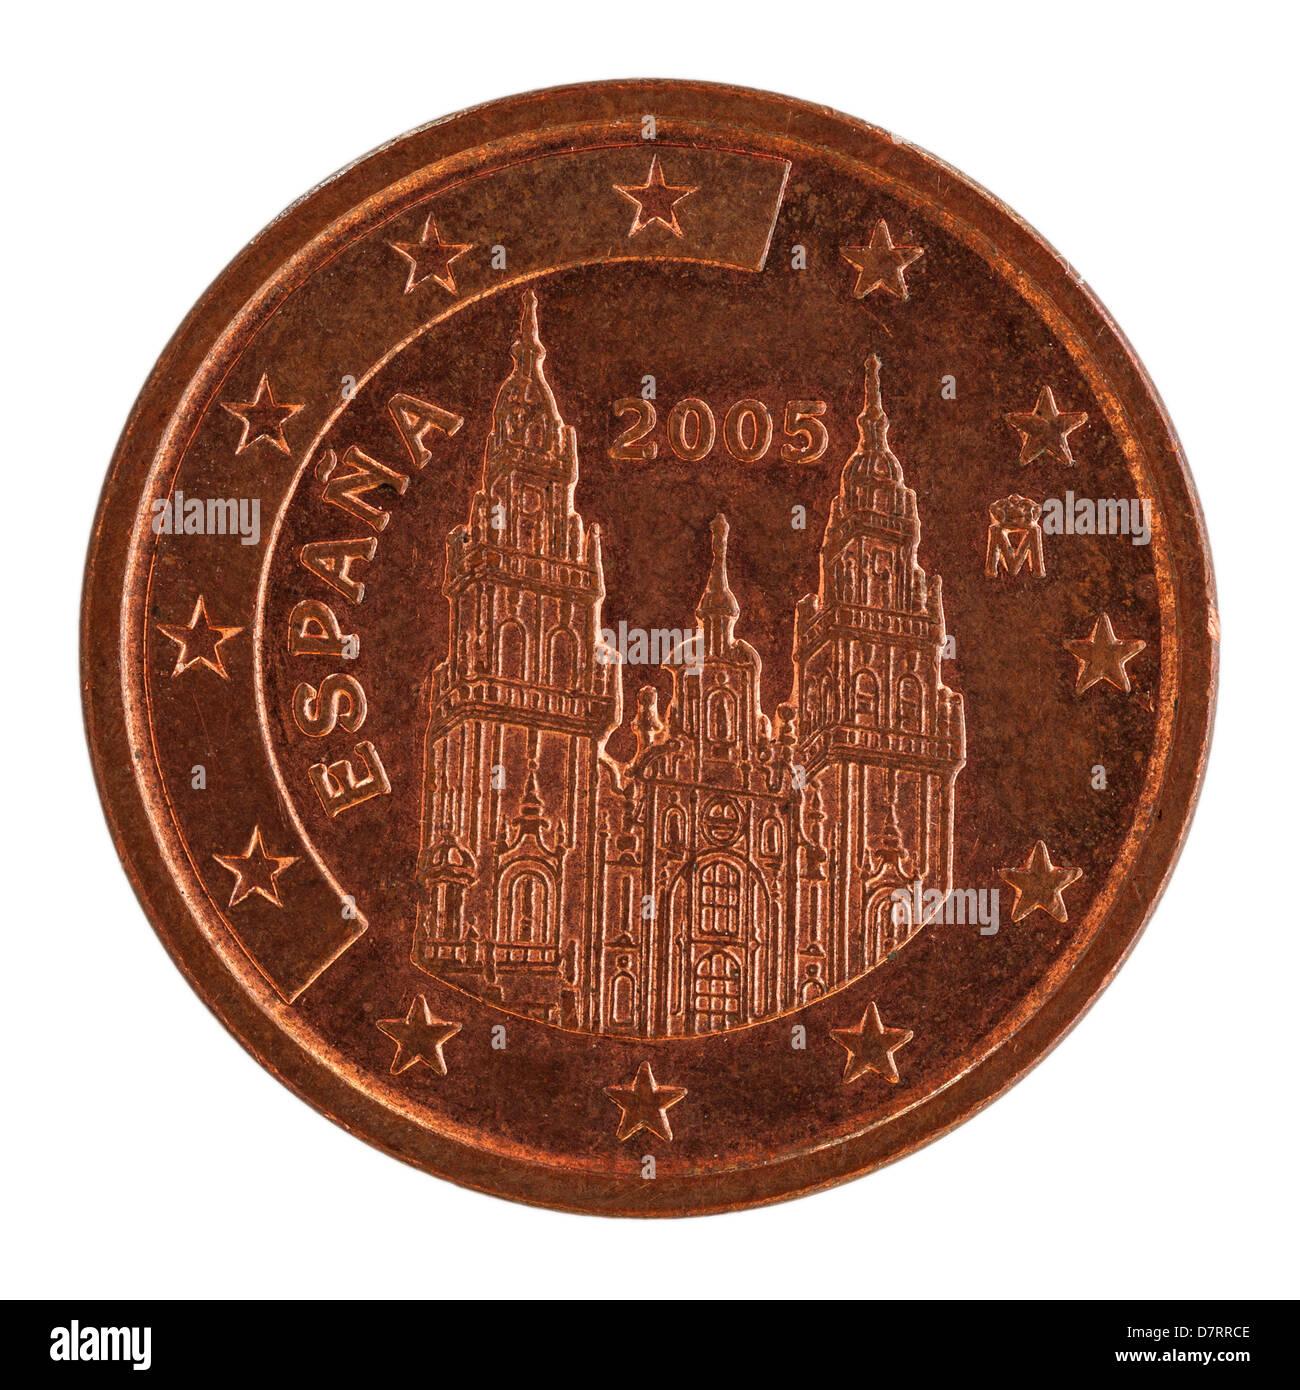 5 Cent Coins Photos 5 Cent Coins Images Alamy